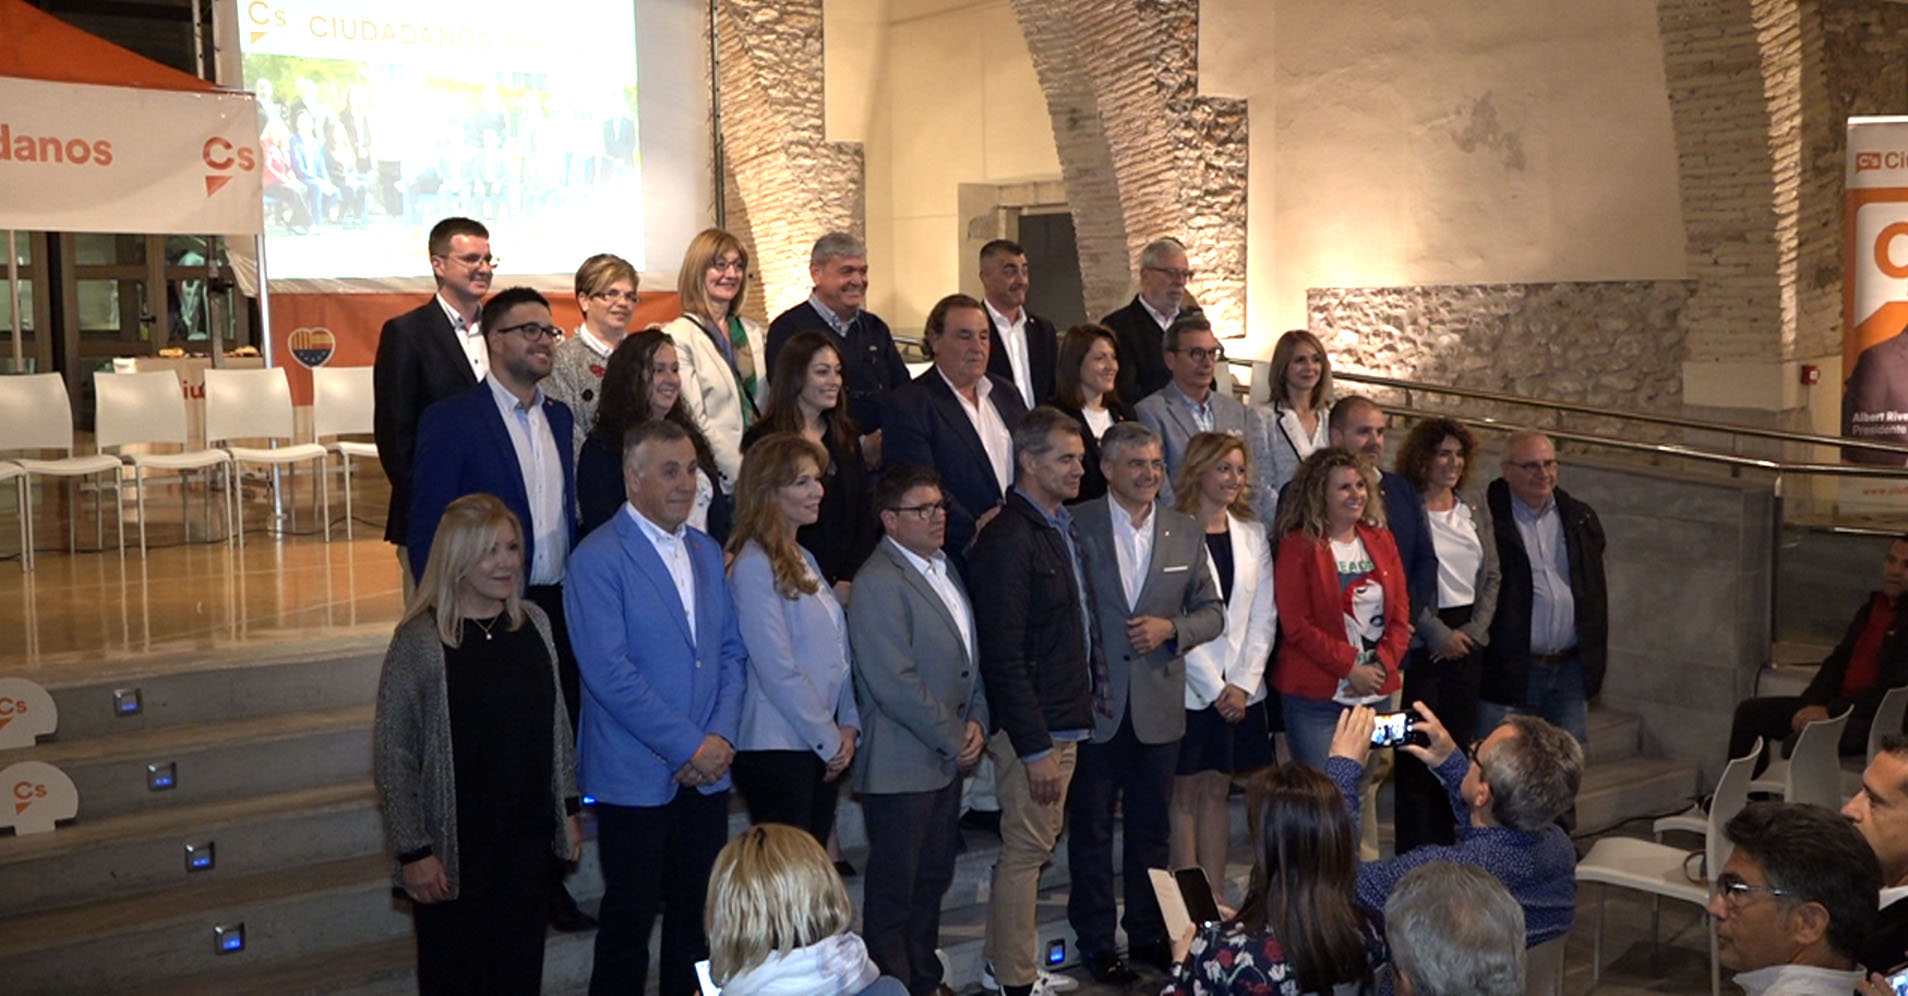 Benicarló, Ciutadans presenta la candidatura a les municipals amb Benjamín Martí com alcaldable